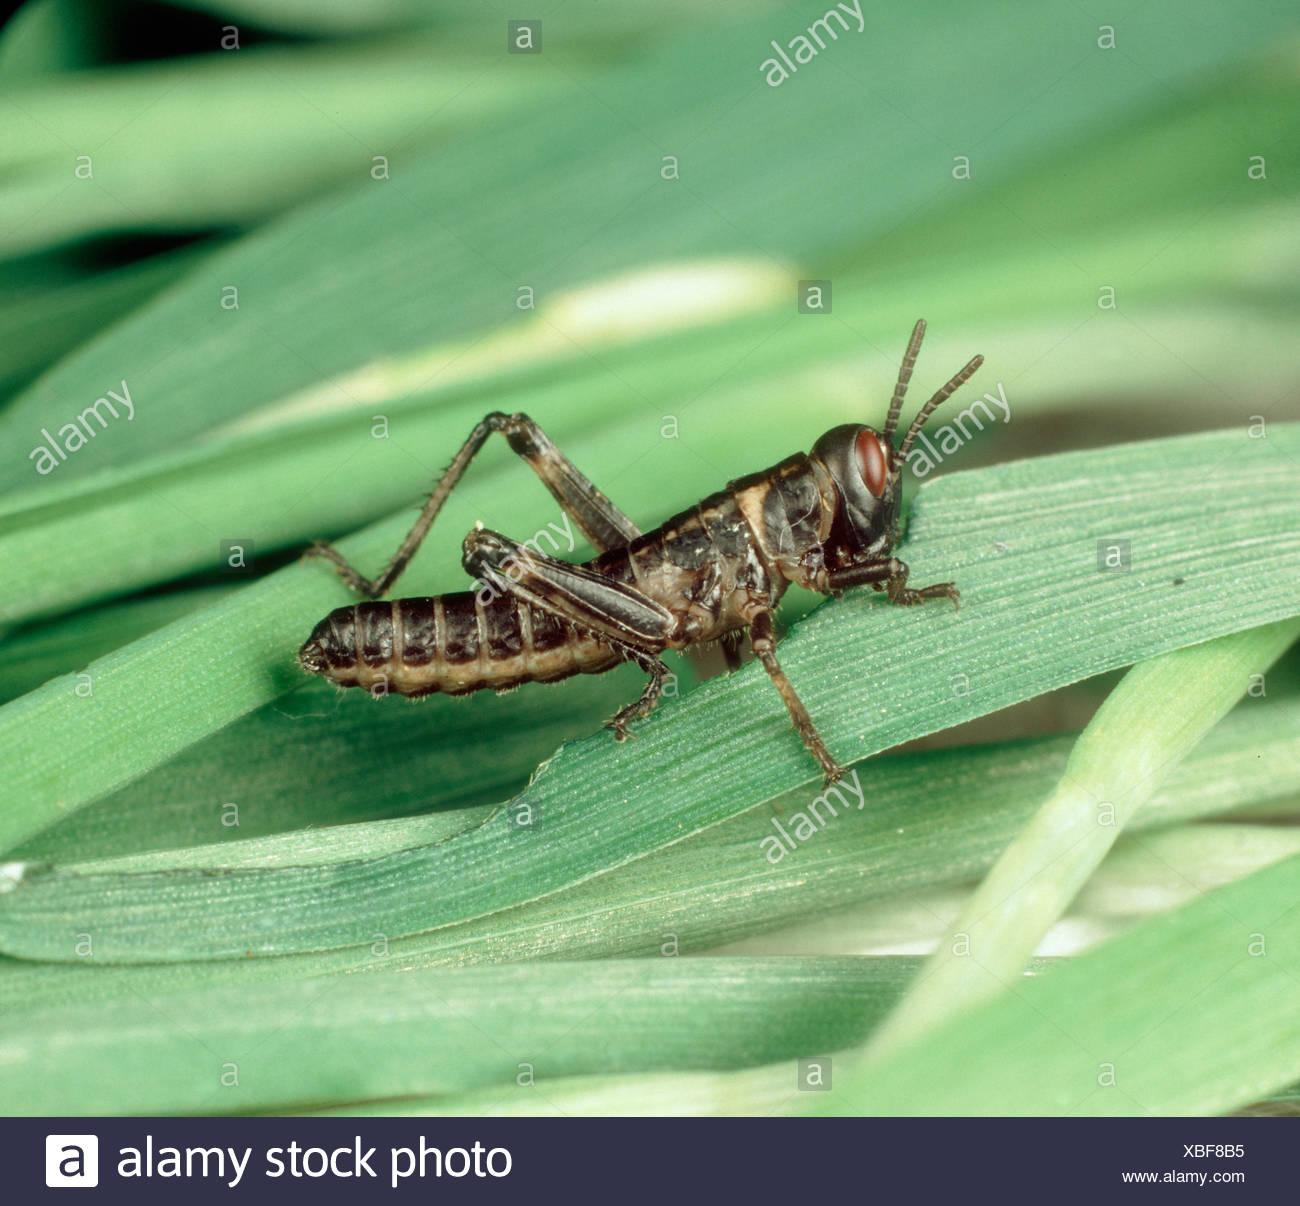 Desert locust Schistocerca gregaria hopper nymph on cereal leaves - Stock Image